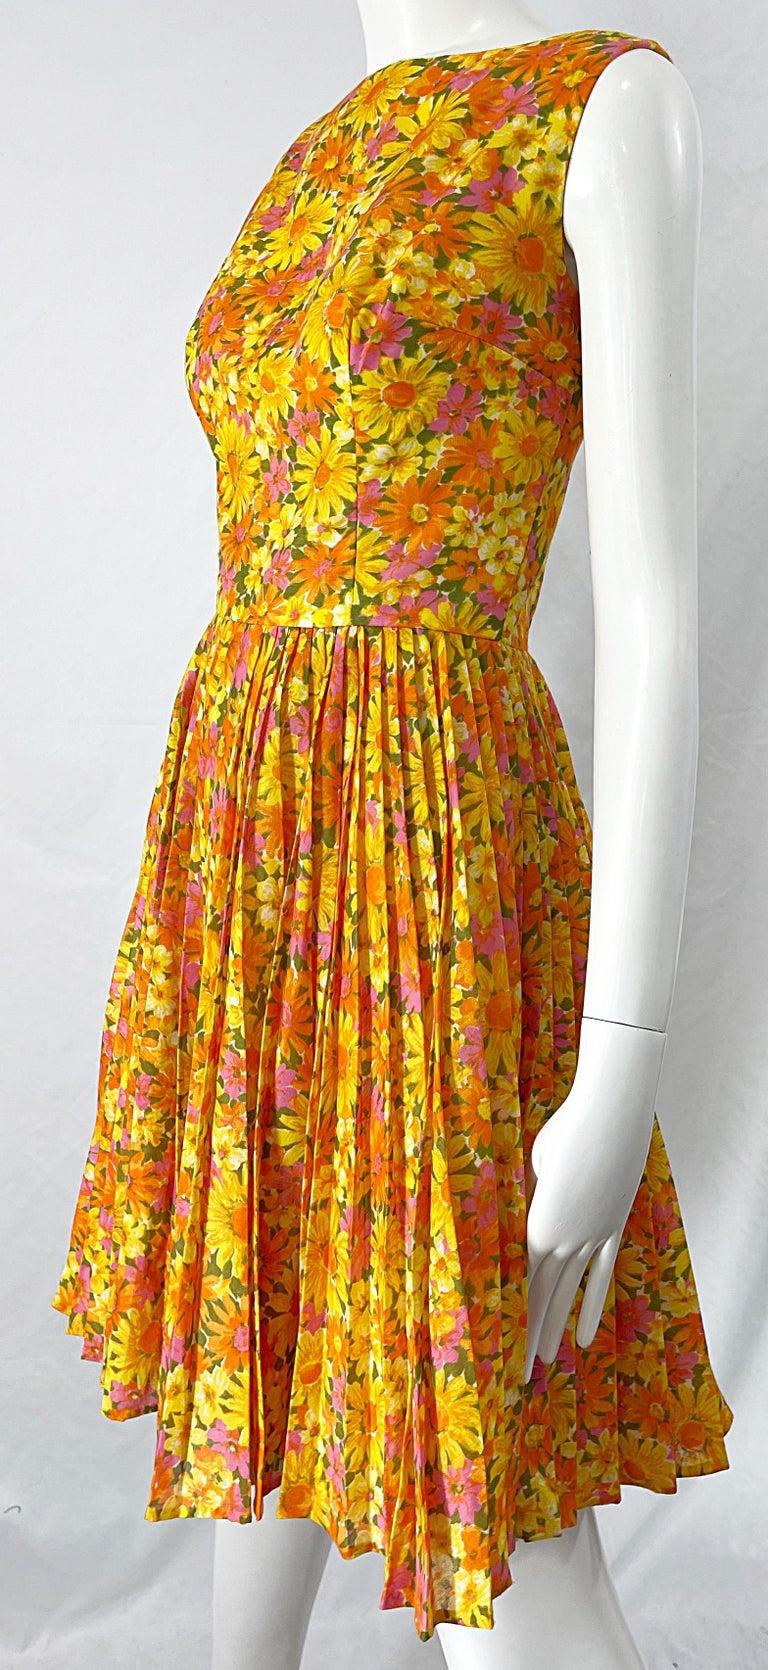 Women's 1950s Suzy Perette Yellow Pink Orange Daisy Print Cotton Vintage 50s Dress For Sale